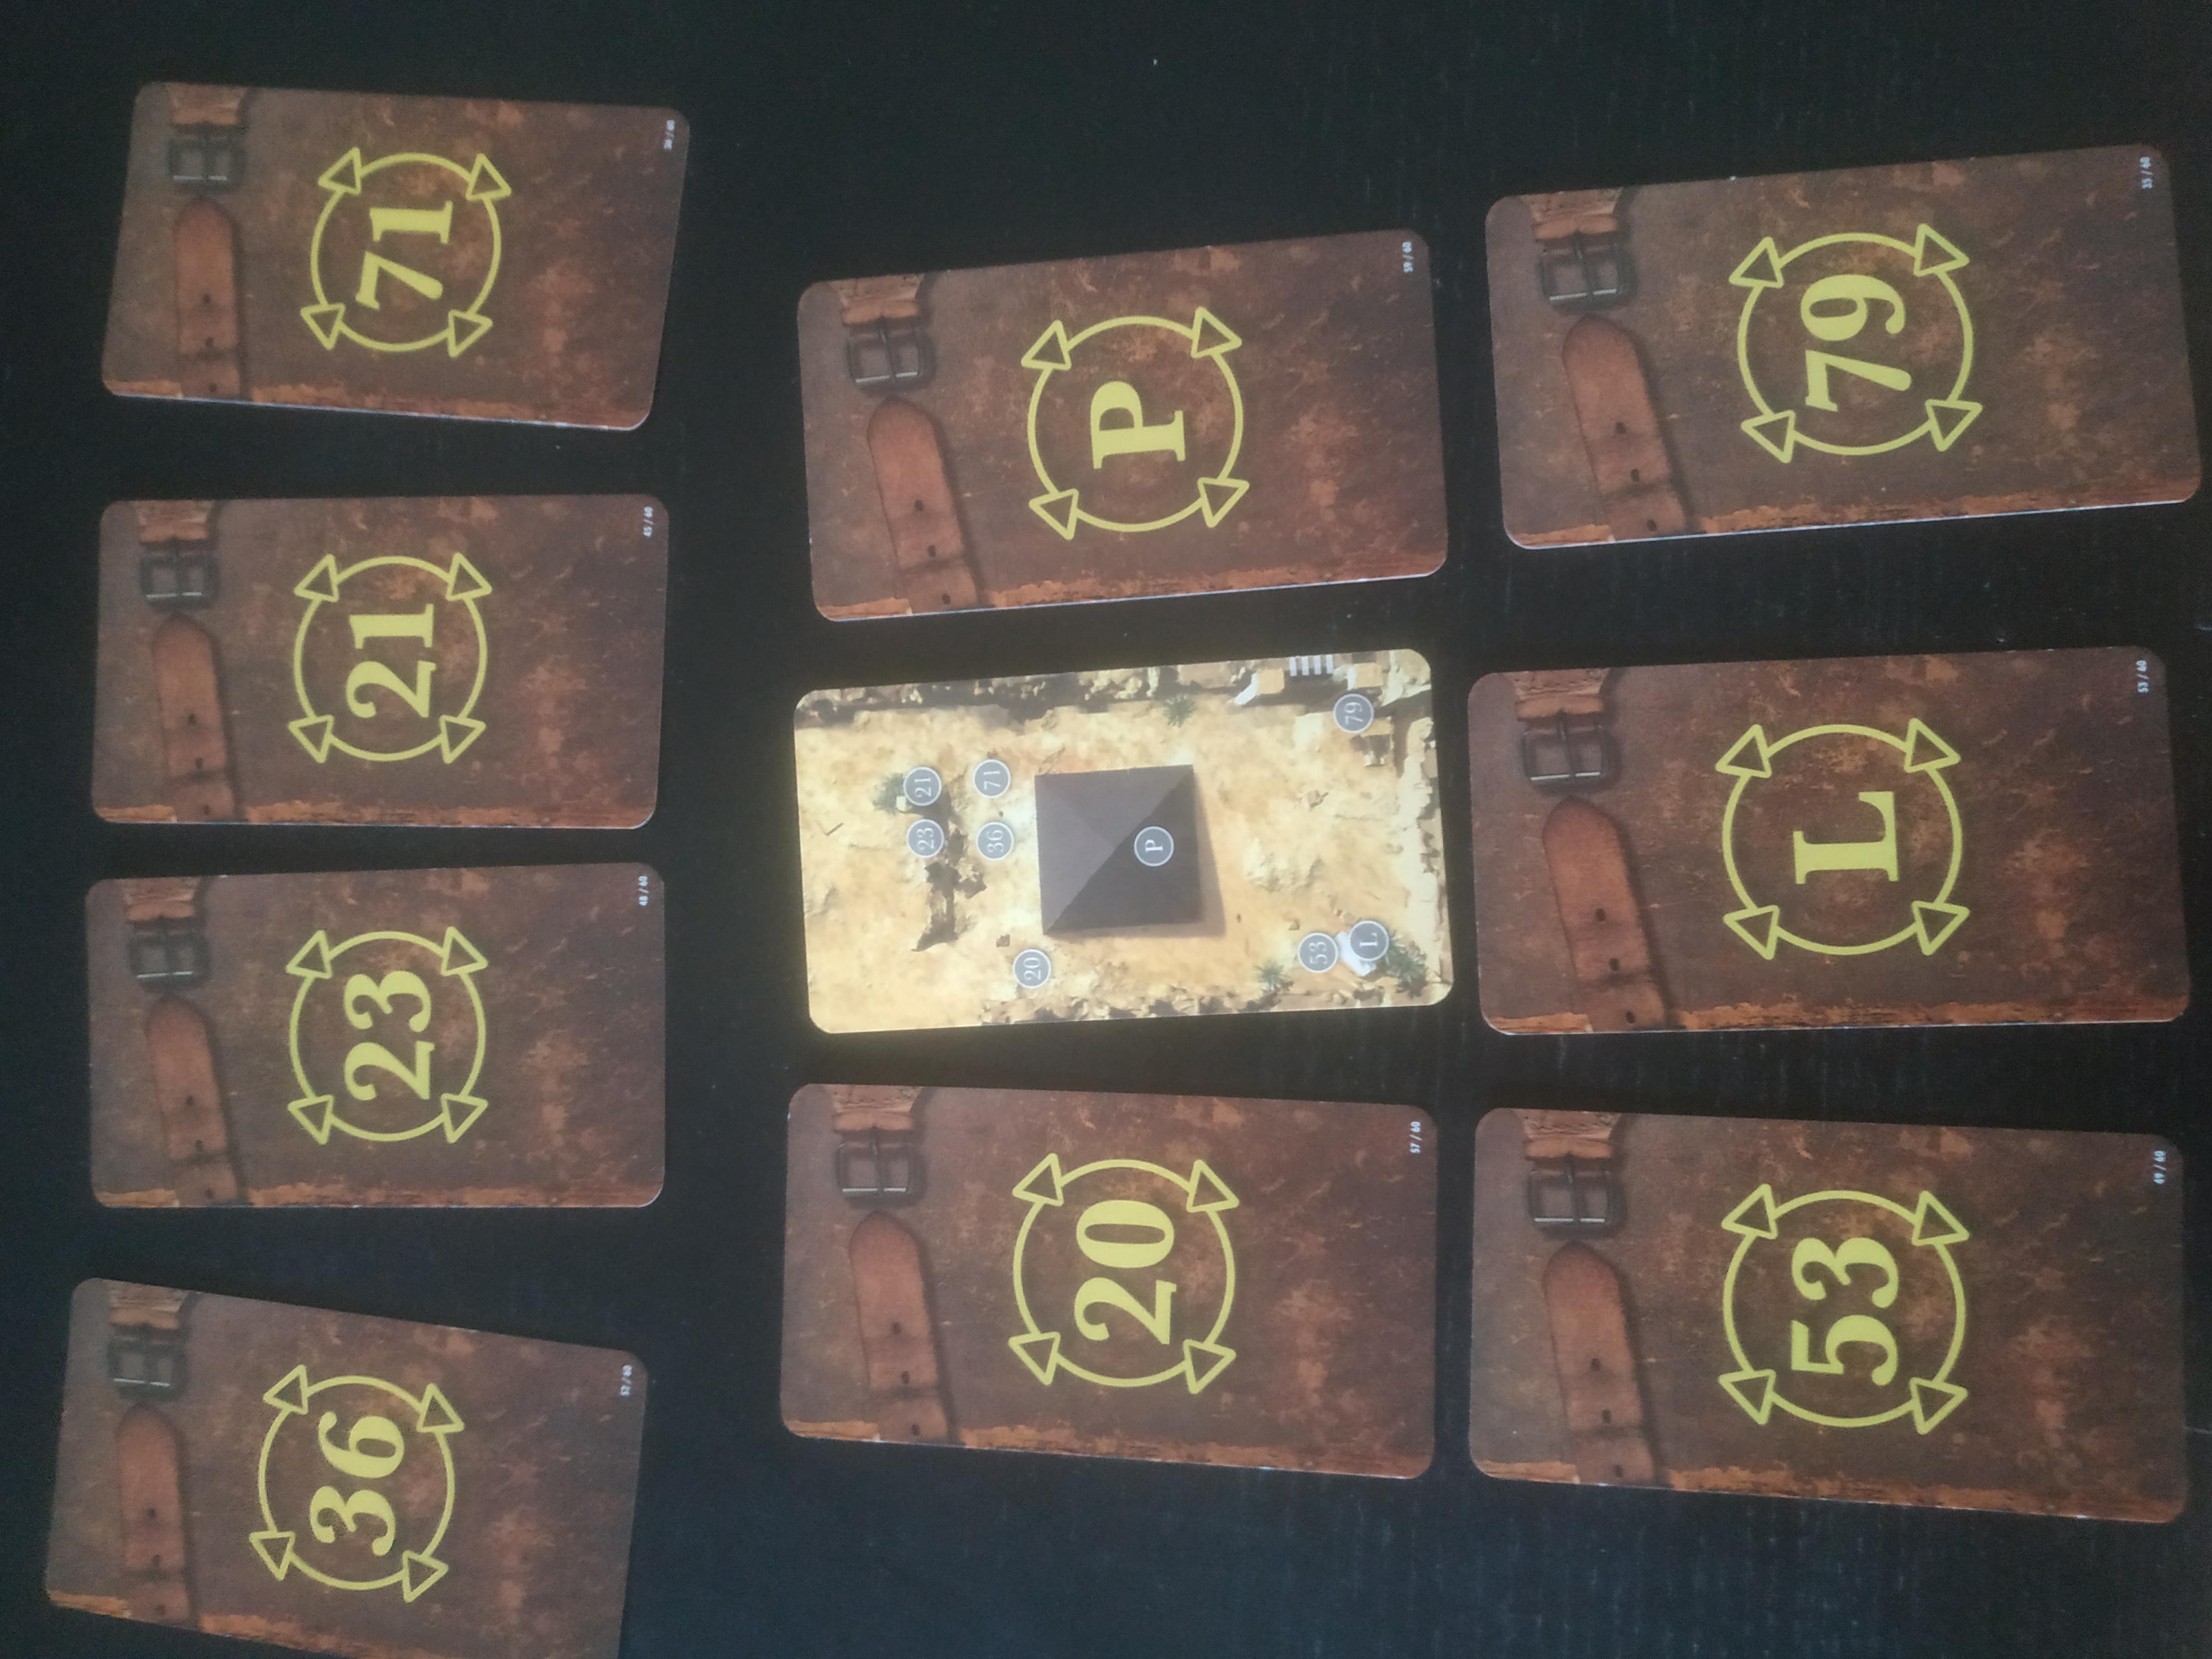 meilleur-jeu-societe-box-abonnement-escape-game-room-unlock-ile-docteur-goorse